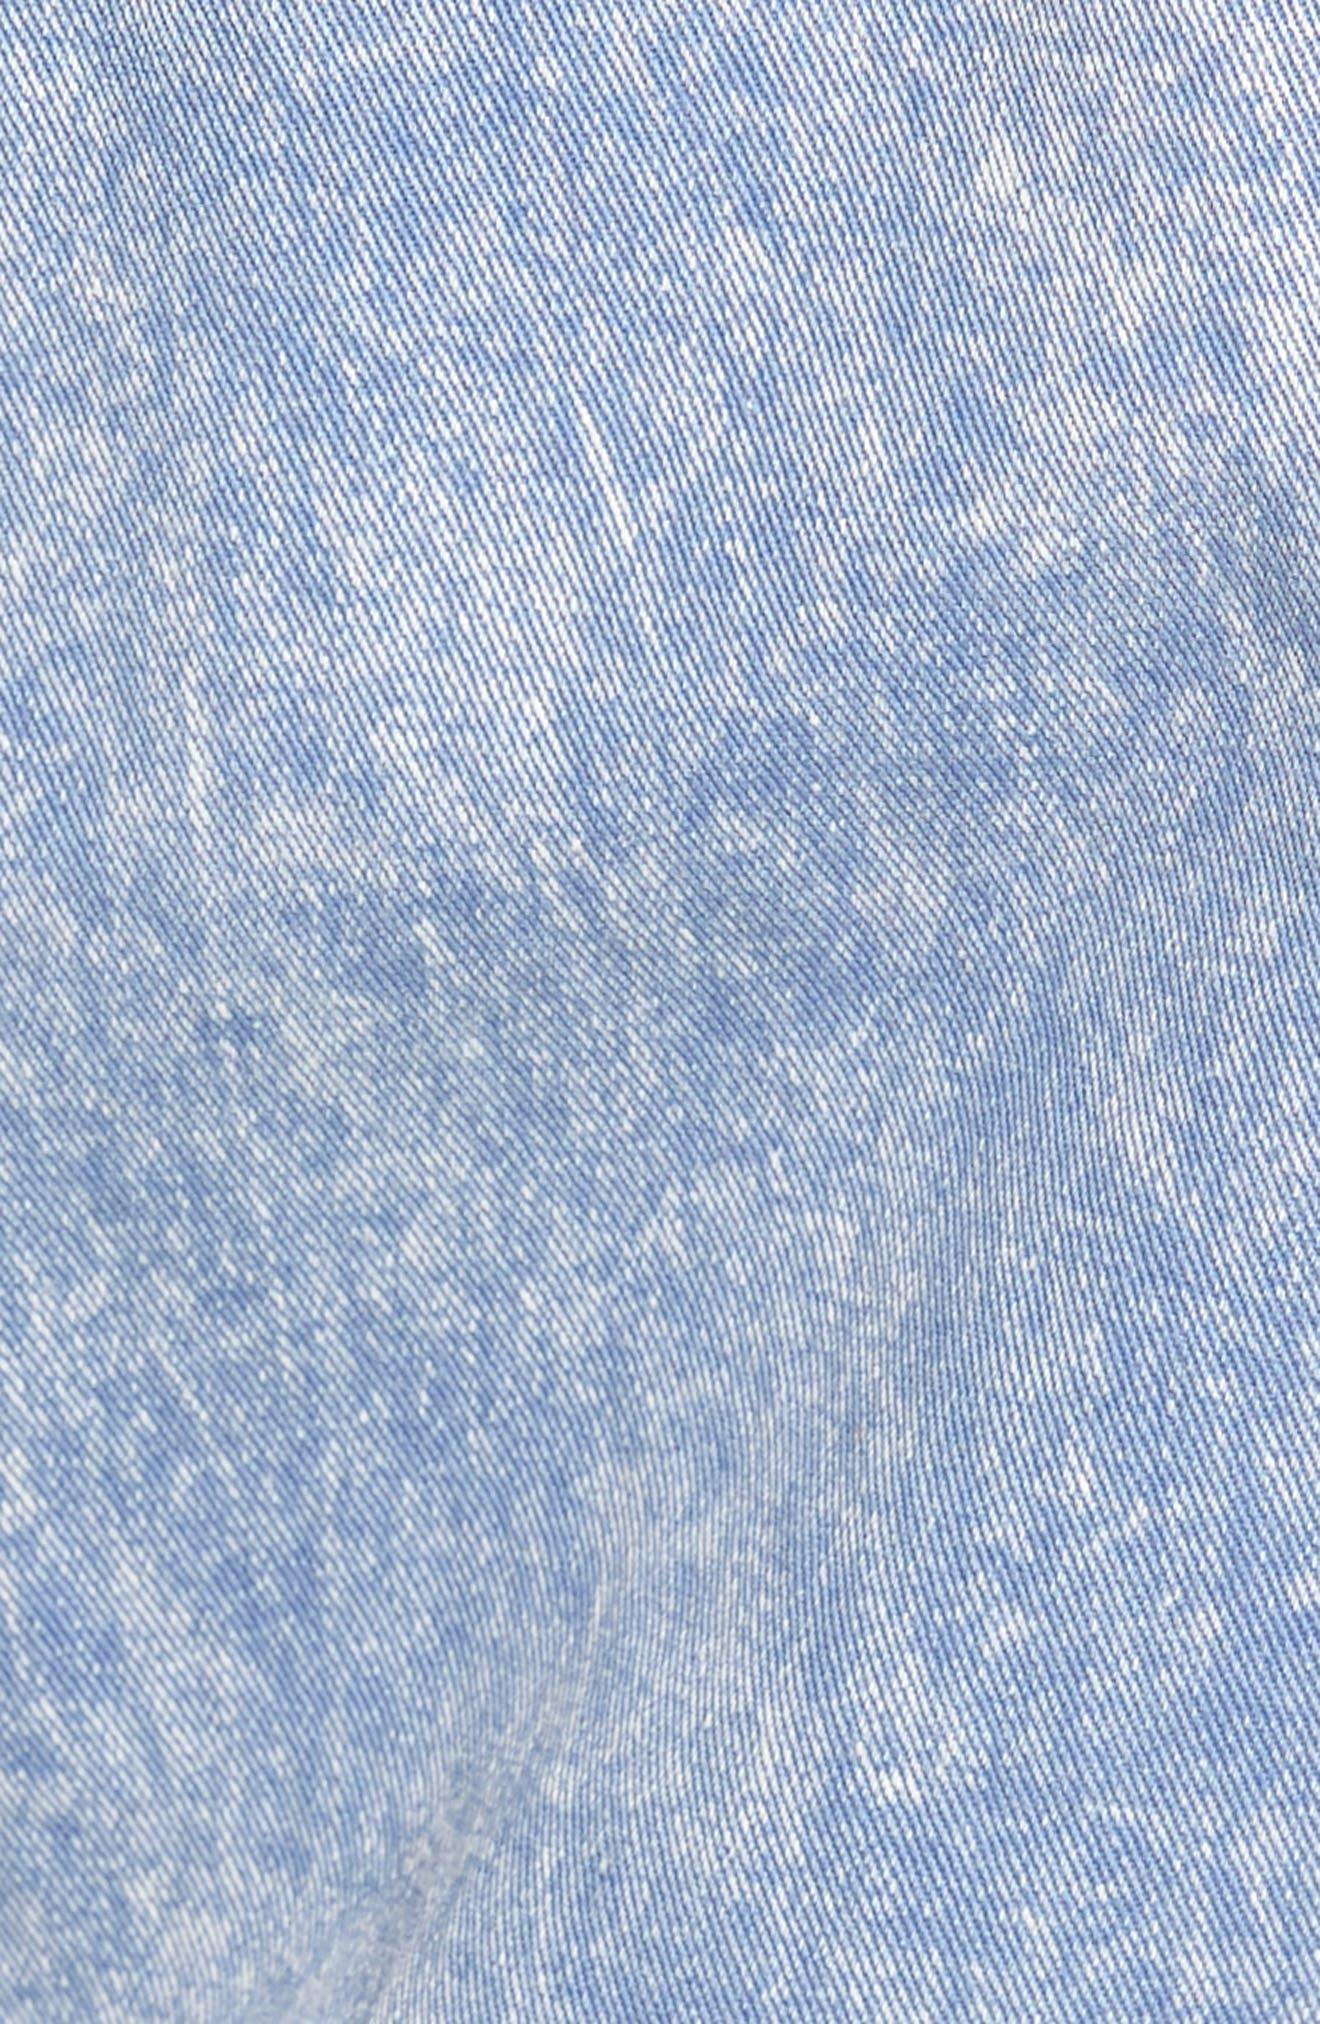 Oversize Cotton Canvas Trucker Jacket,                             Alternate thumbnail 5, color,                             Pacific Blue